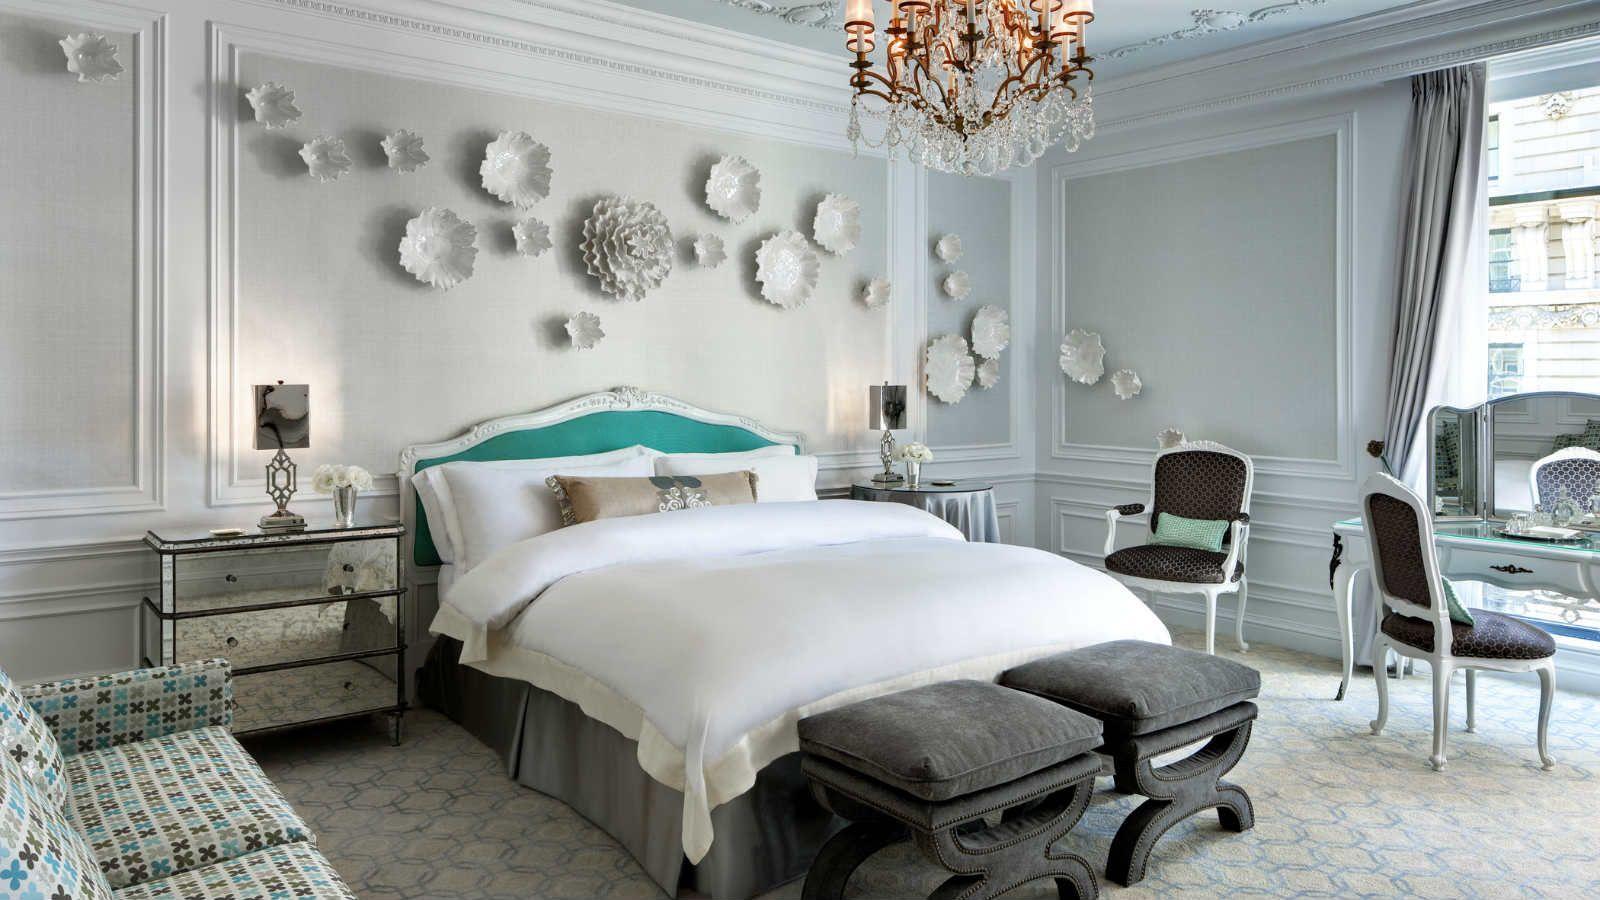 Camere Da Letto Verde Tiffany : Tiffany suite at the st. regis new york where the signature tiffany